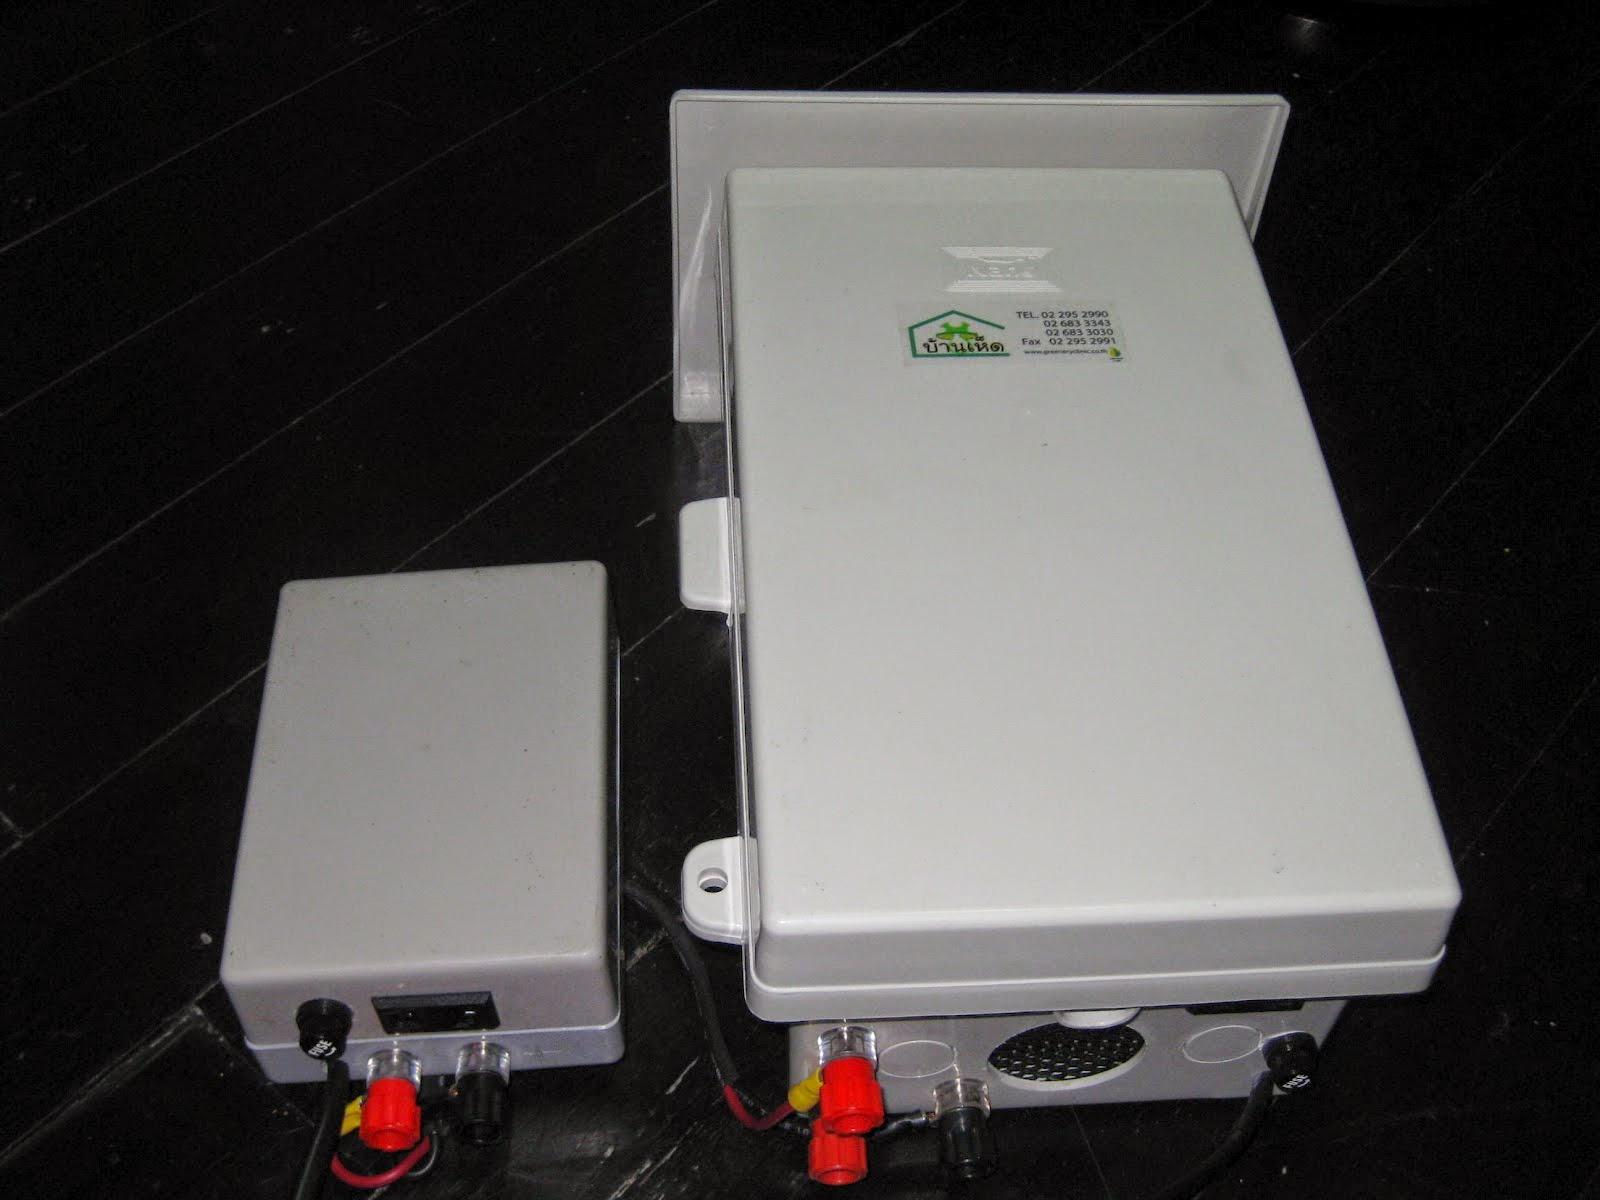 กล่องอัพเกรด ยูเล็ม, ULEM Upgrade Box